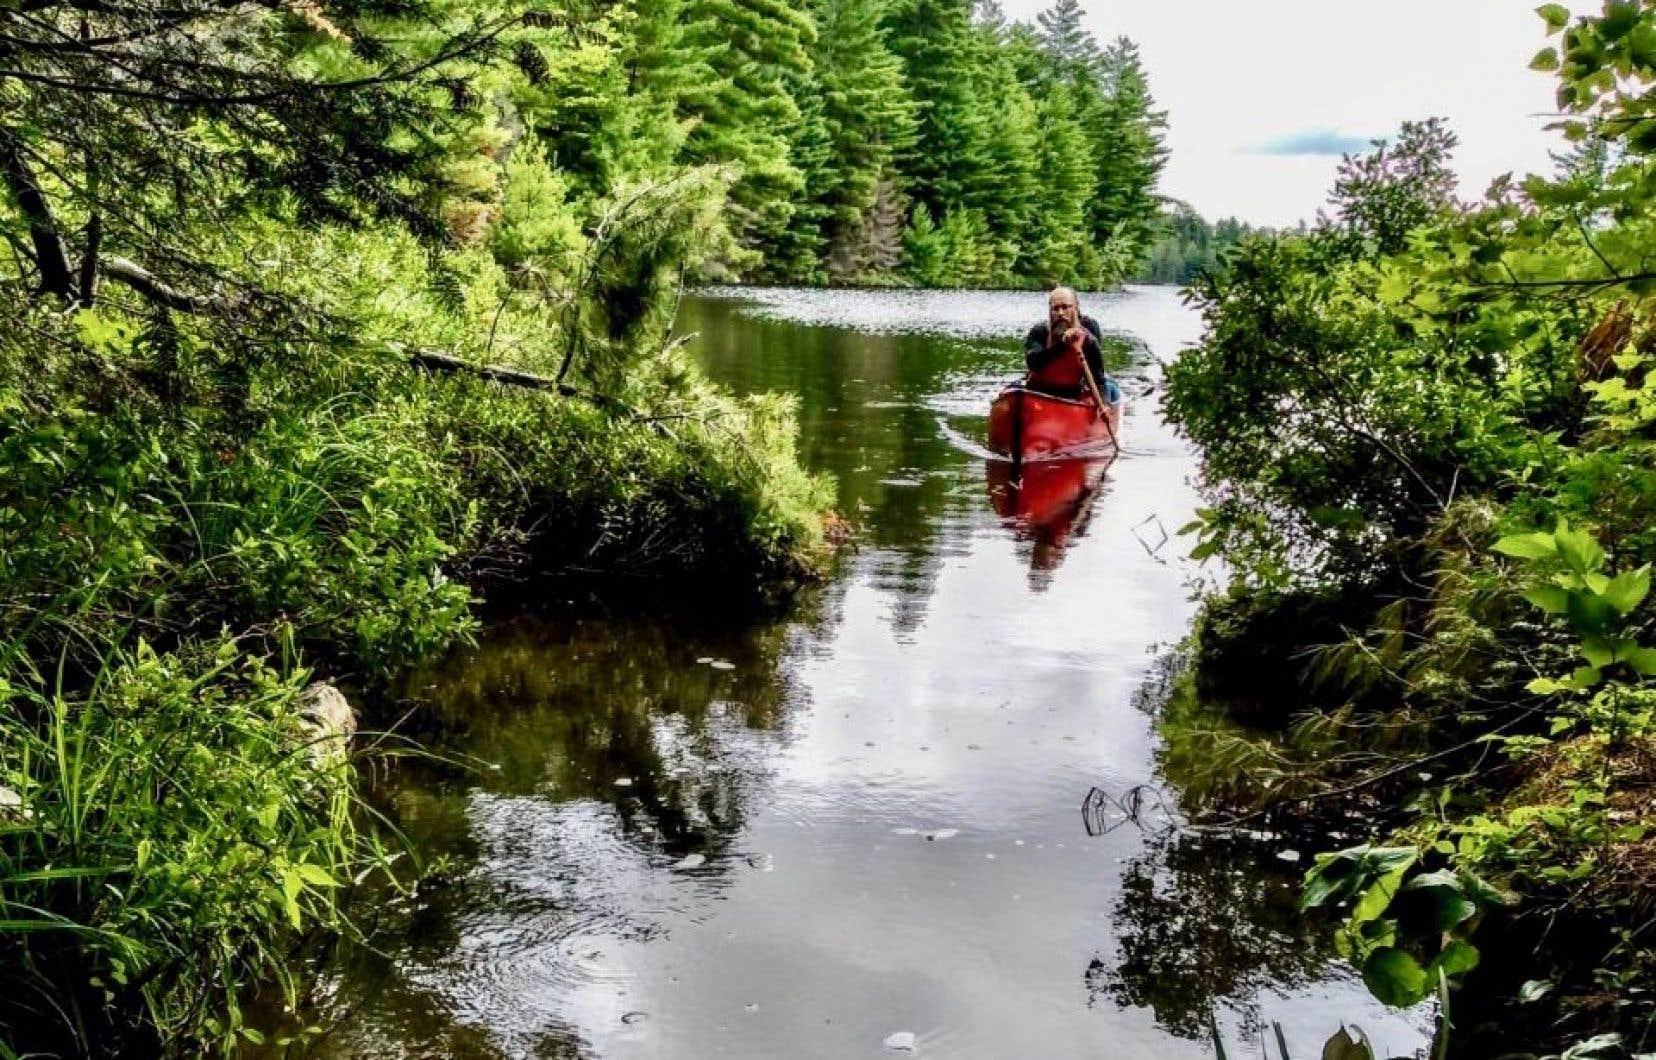 Pour atteindre le lac White, il faut enchaîner un dédale de petits lacs jusqu'à un portage d'environ 200 mètres qui ondule sur une passerelle de bois.